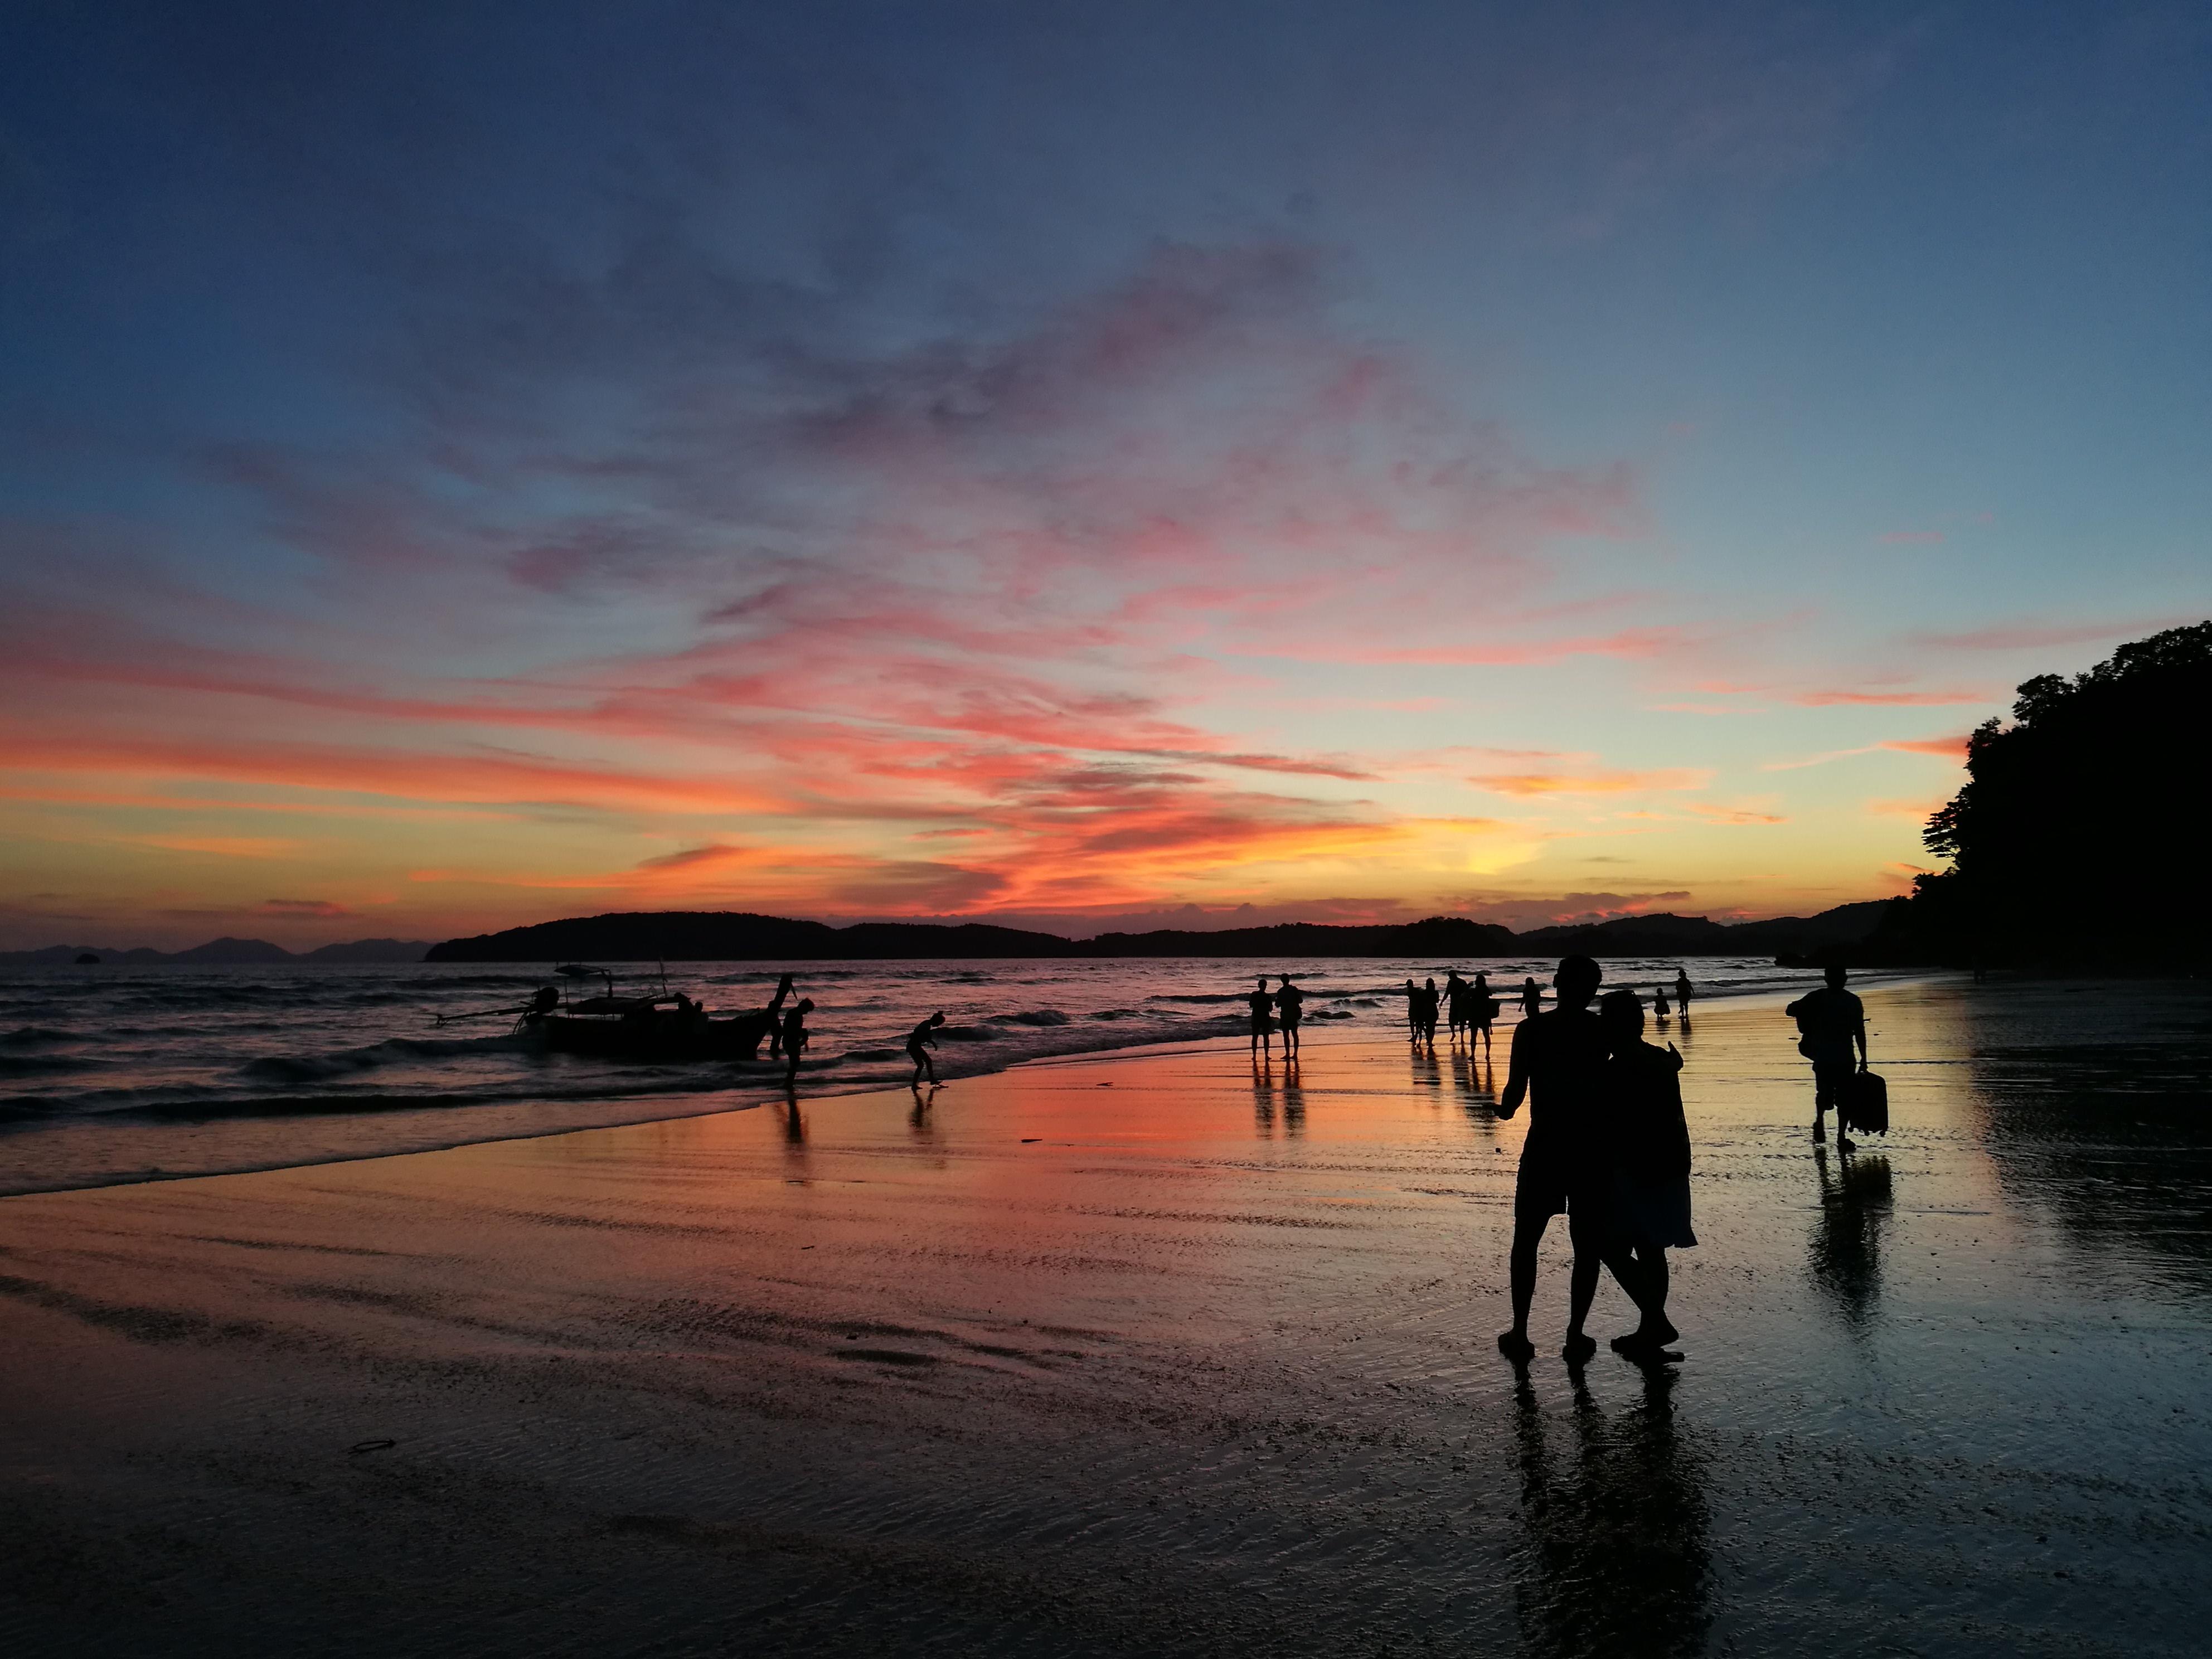 泰国夕阳风景图片